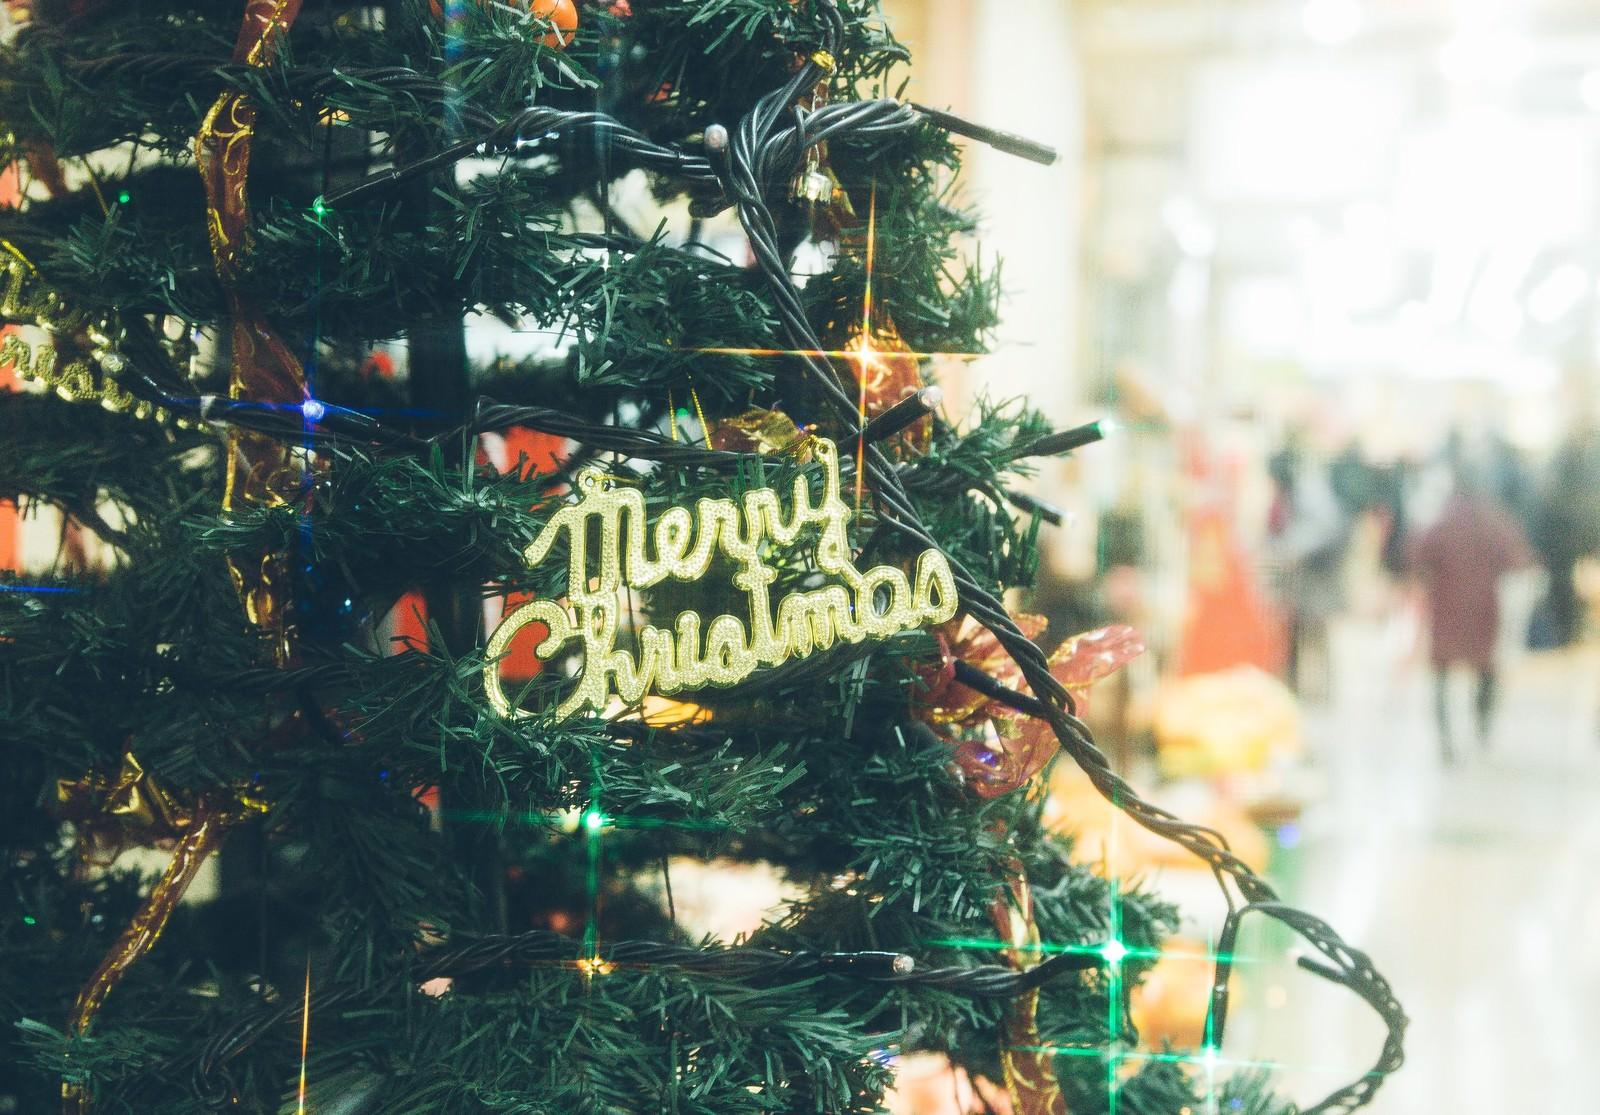 「クリスマスツリーと賑わいクリスマスツリーと賑わい」のフリー写真素材を拡大